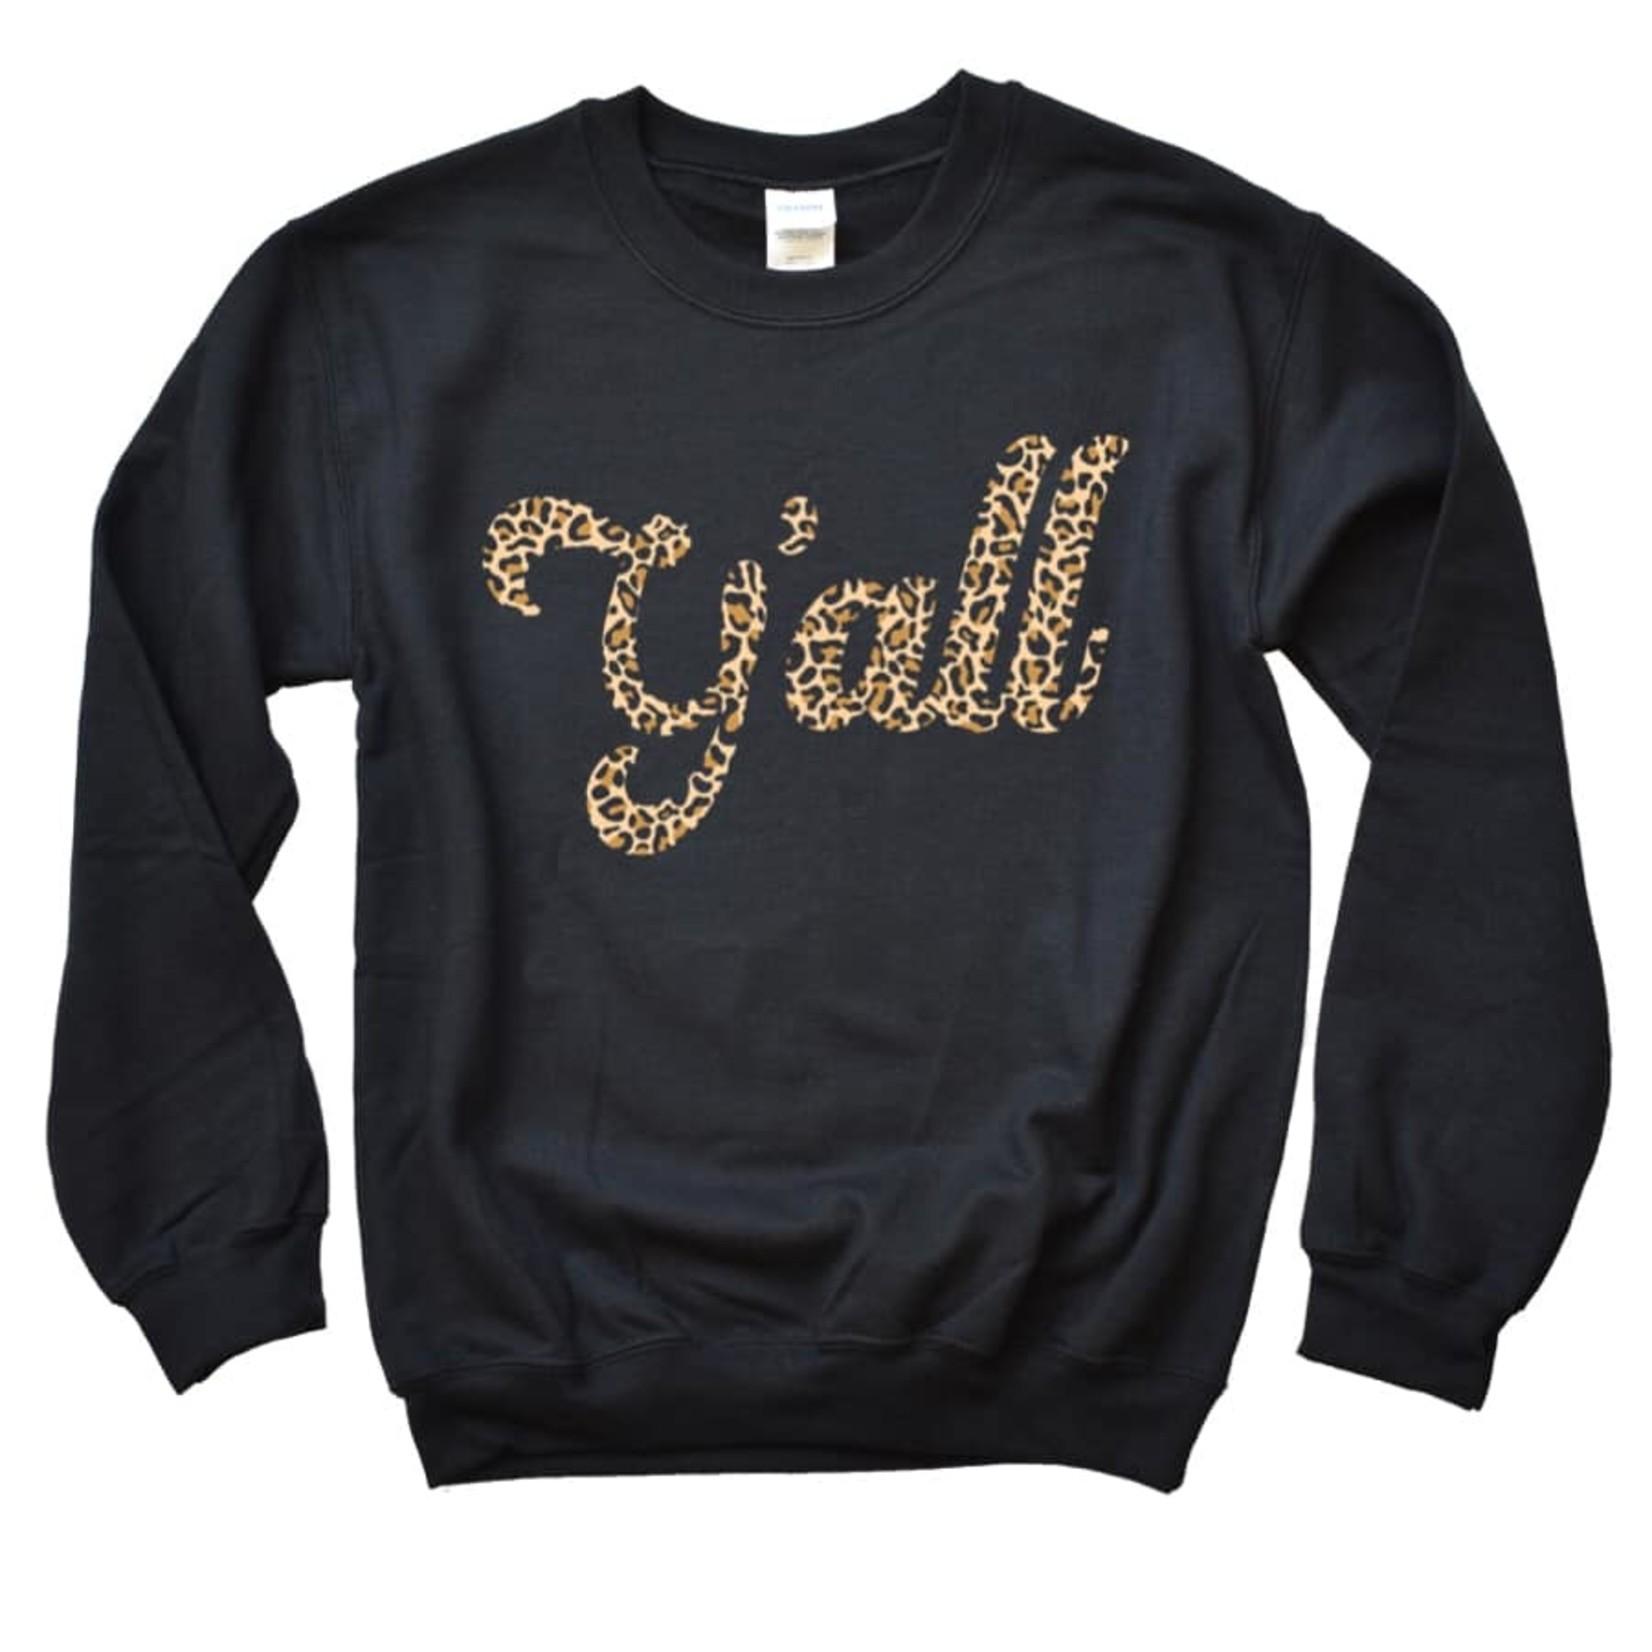 Type A Tees Yall Sweatshirt